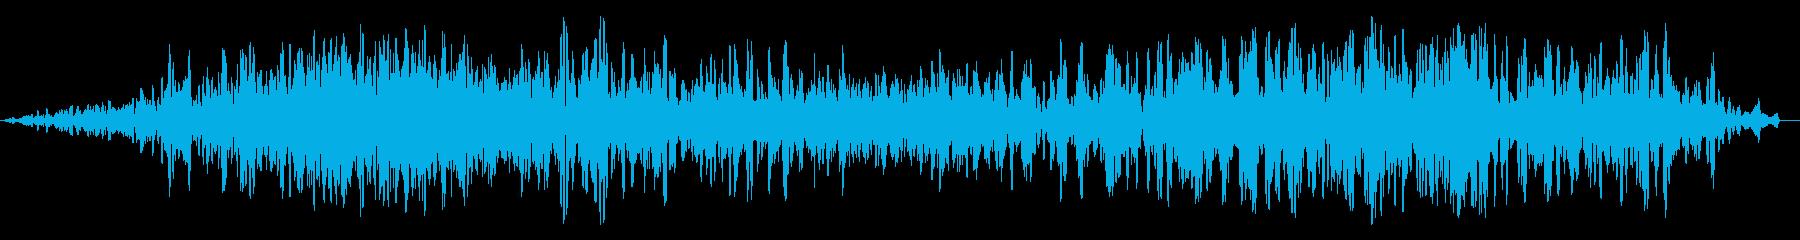 ブオーン(飛行機のエンジン音)の再生済みの波形